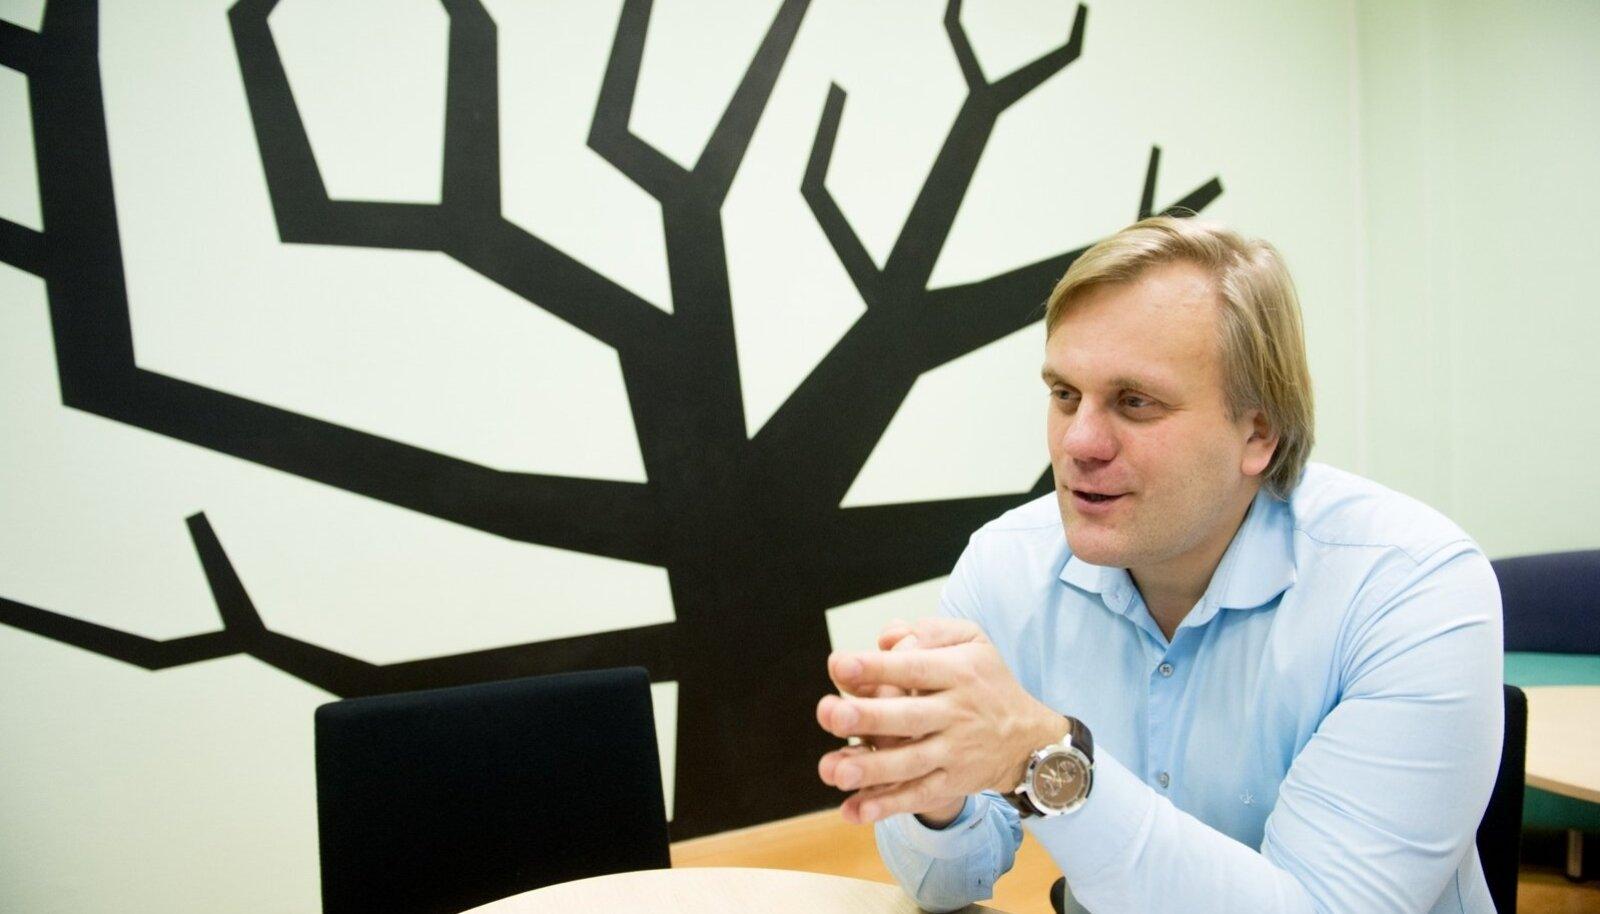 Keit Kasemetsa sõnul ei tasu otsida võluvitsa, mis kõik Eesti majanduse probleemid lahendab. Oluline on tegutseda ja teha julgeid otsuseid.